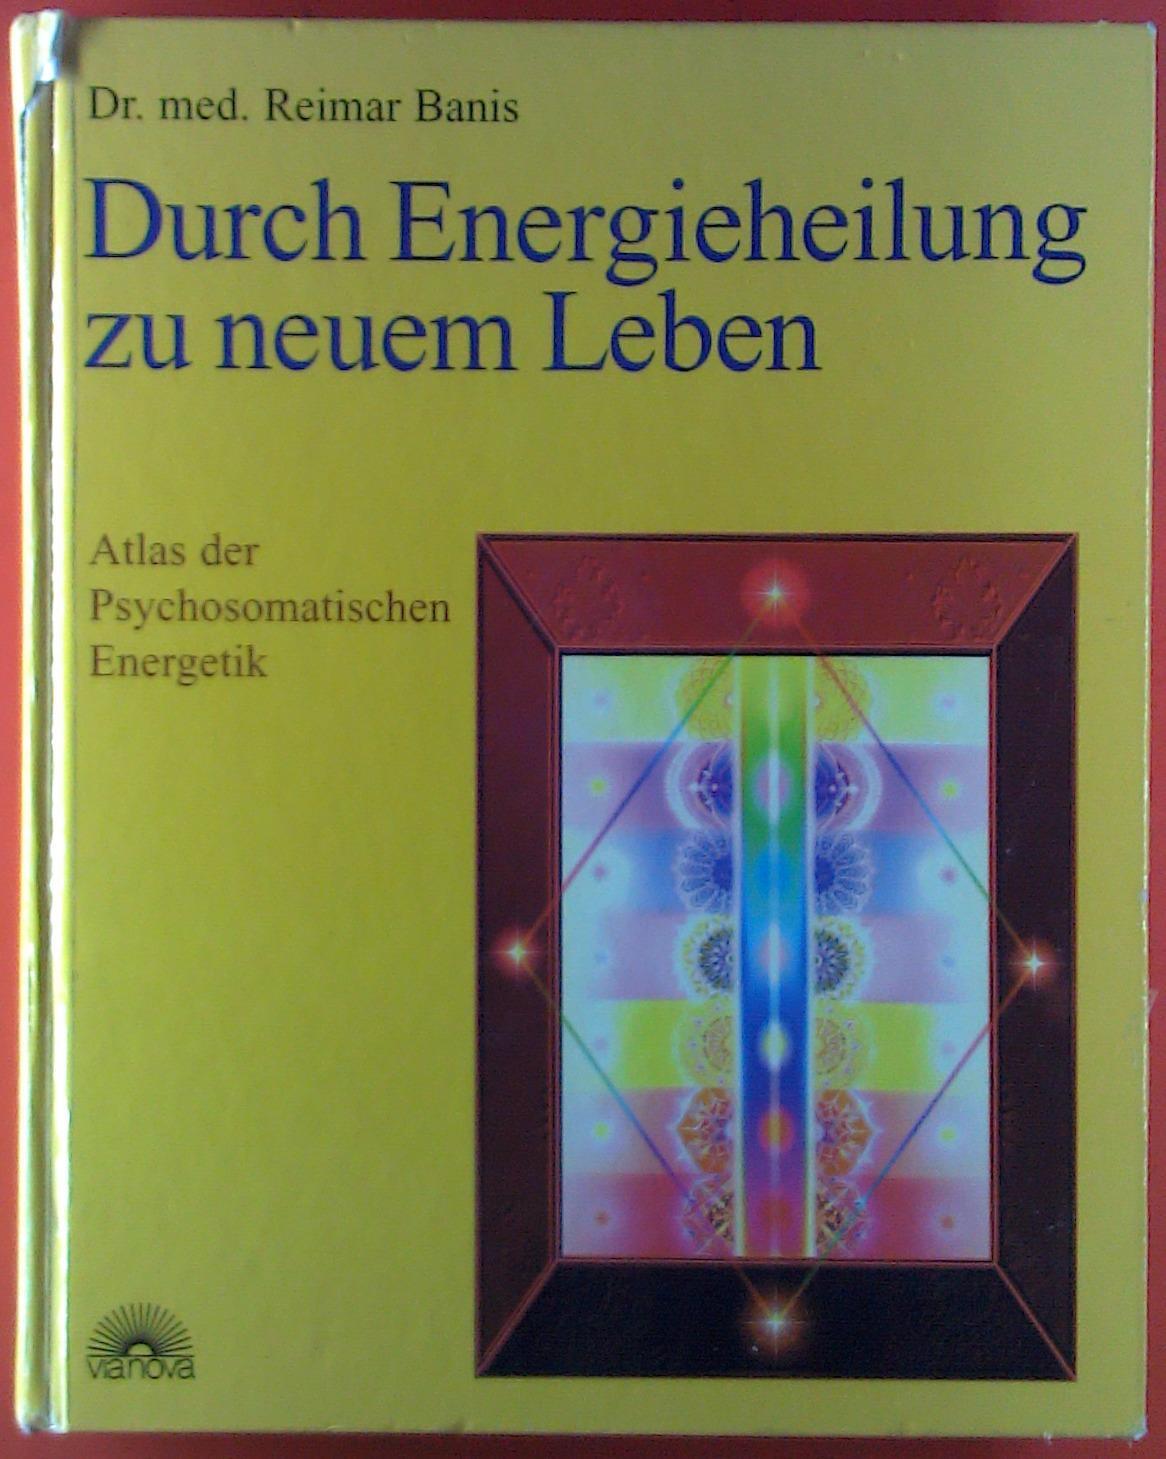 Durch Energieheilung zu neuem Leben. Atlas der: Dr. med. Reimar